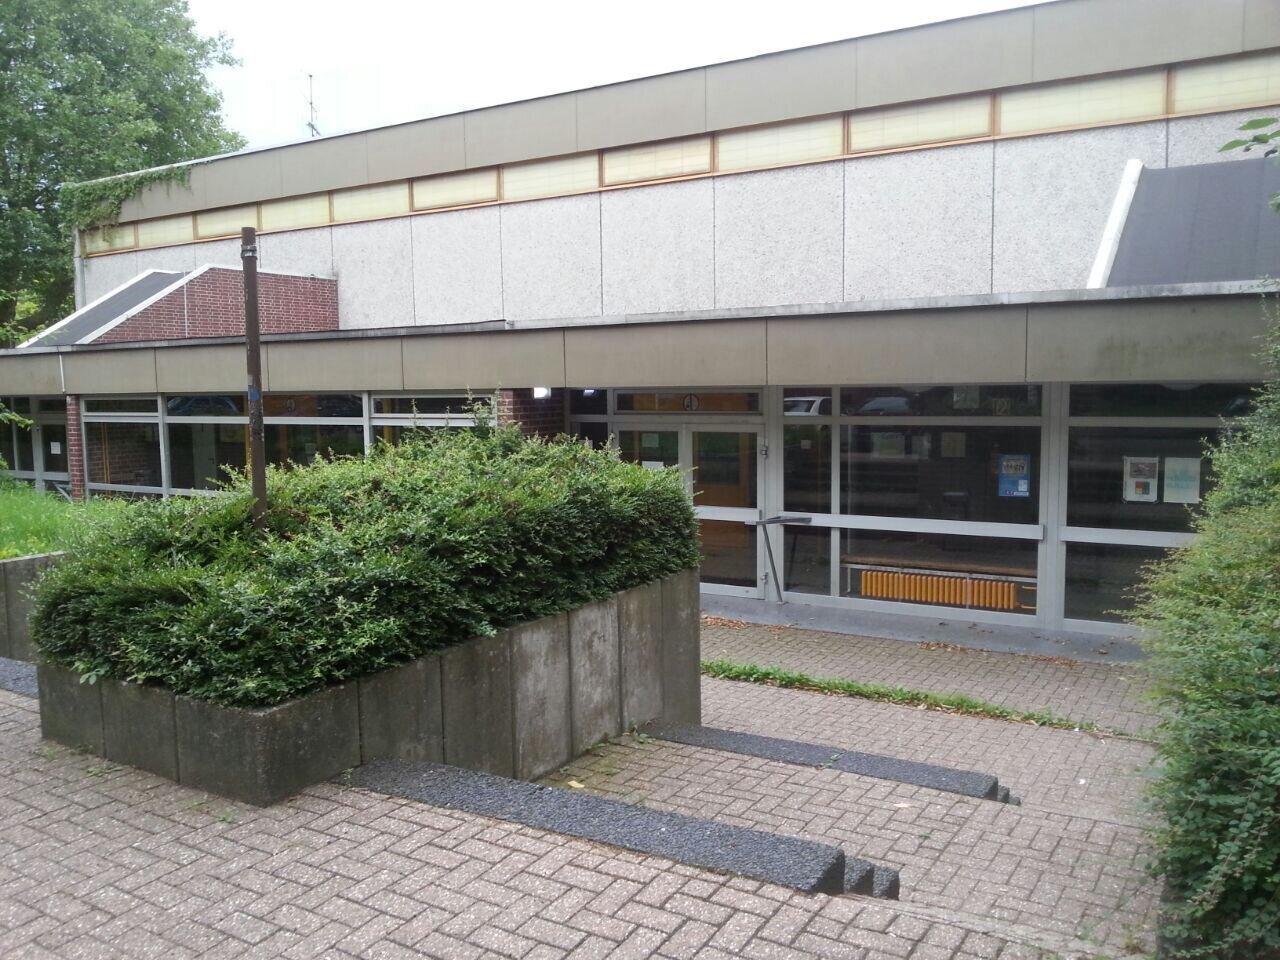 Humboldthalle